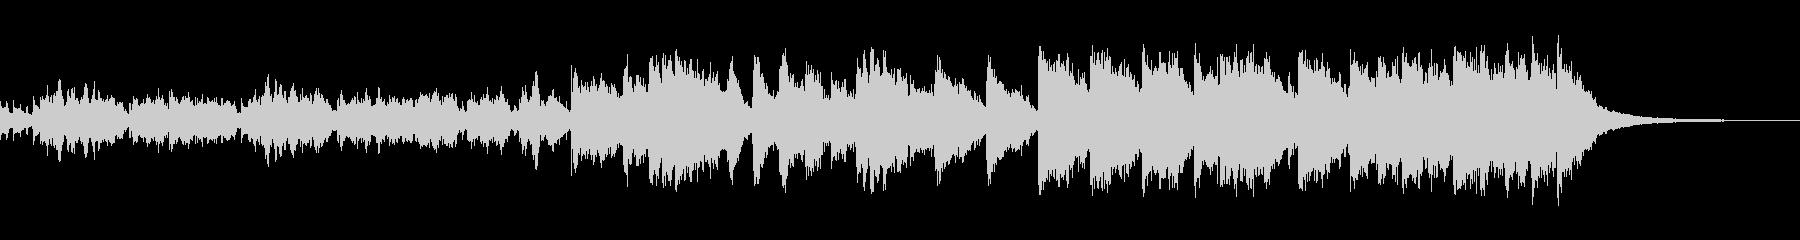 ピアノの高音の響きが近未来的なネオテクノの未再生の波形